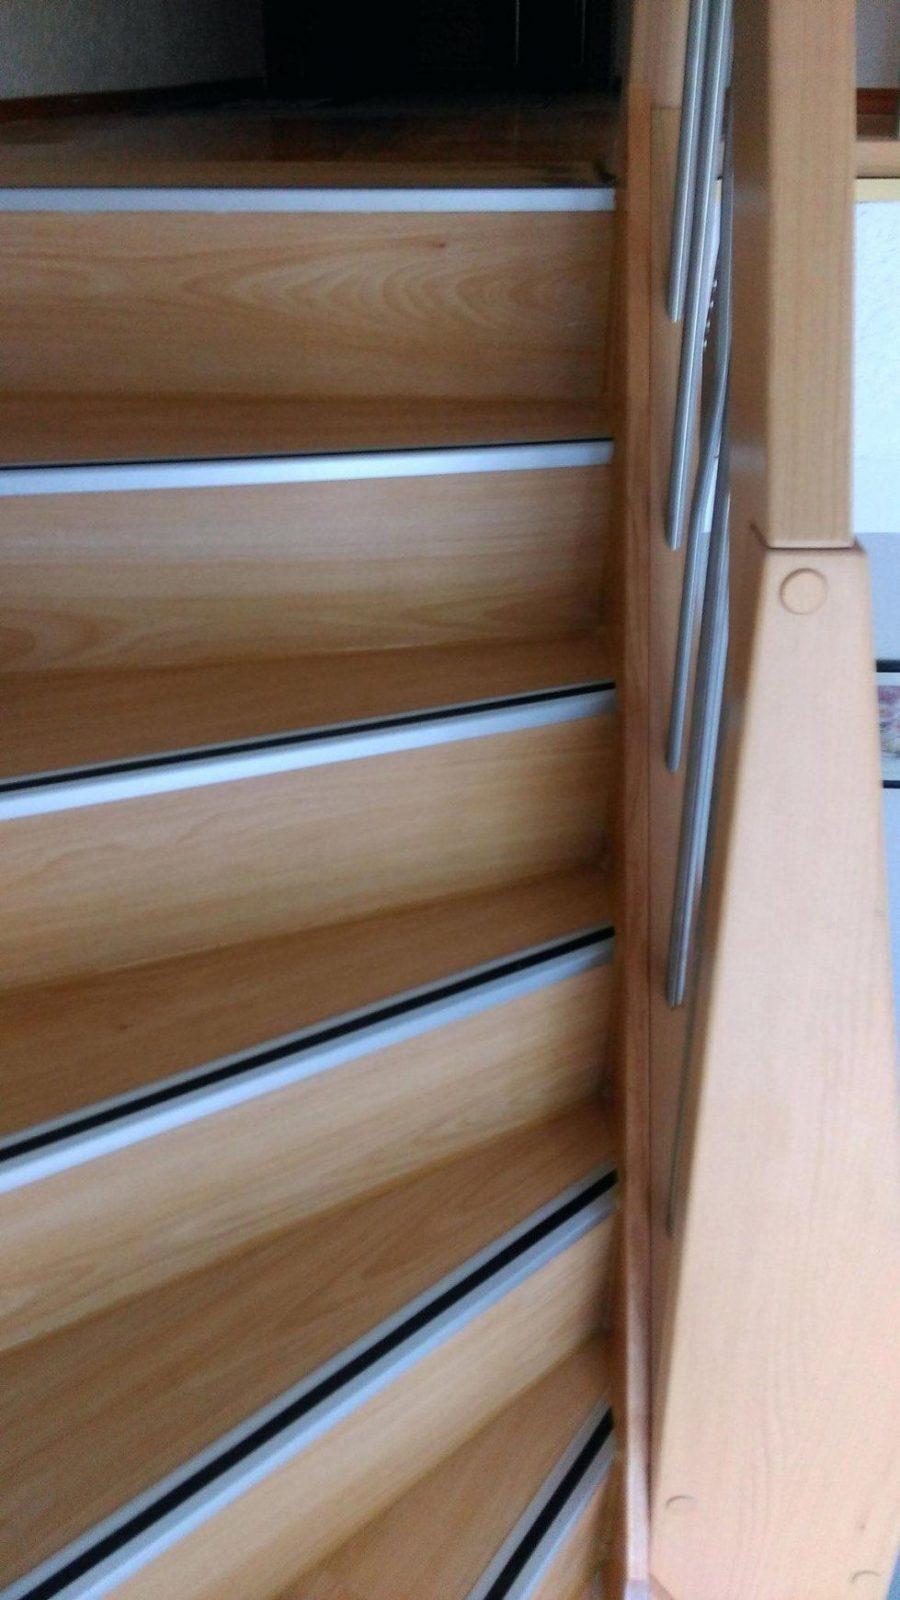 Holztreppe Rutschfest Machen Treppe Mit Vinyl Bekleben Inspirierend von Treppe Mit Vinyl Bekleben Bild